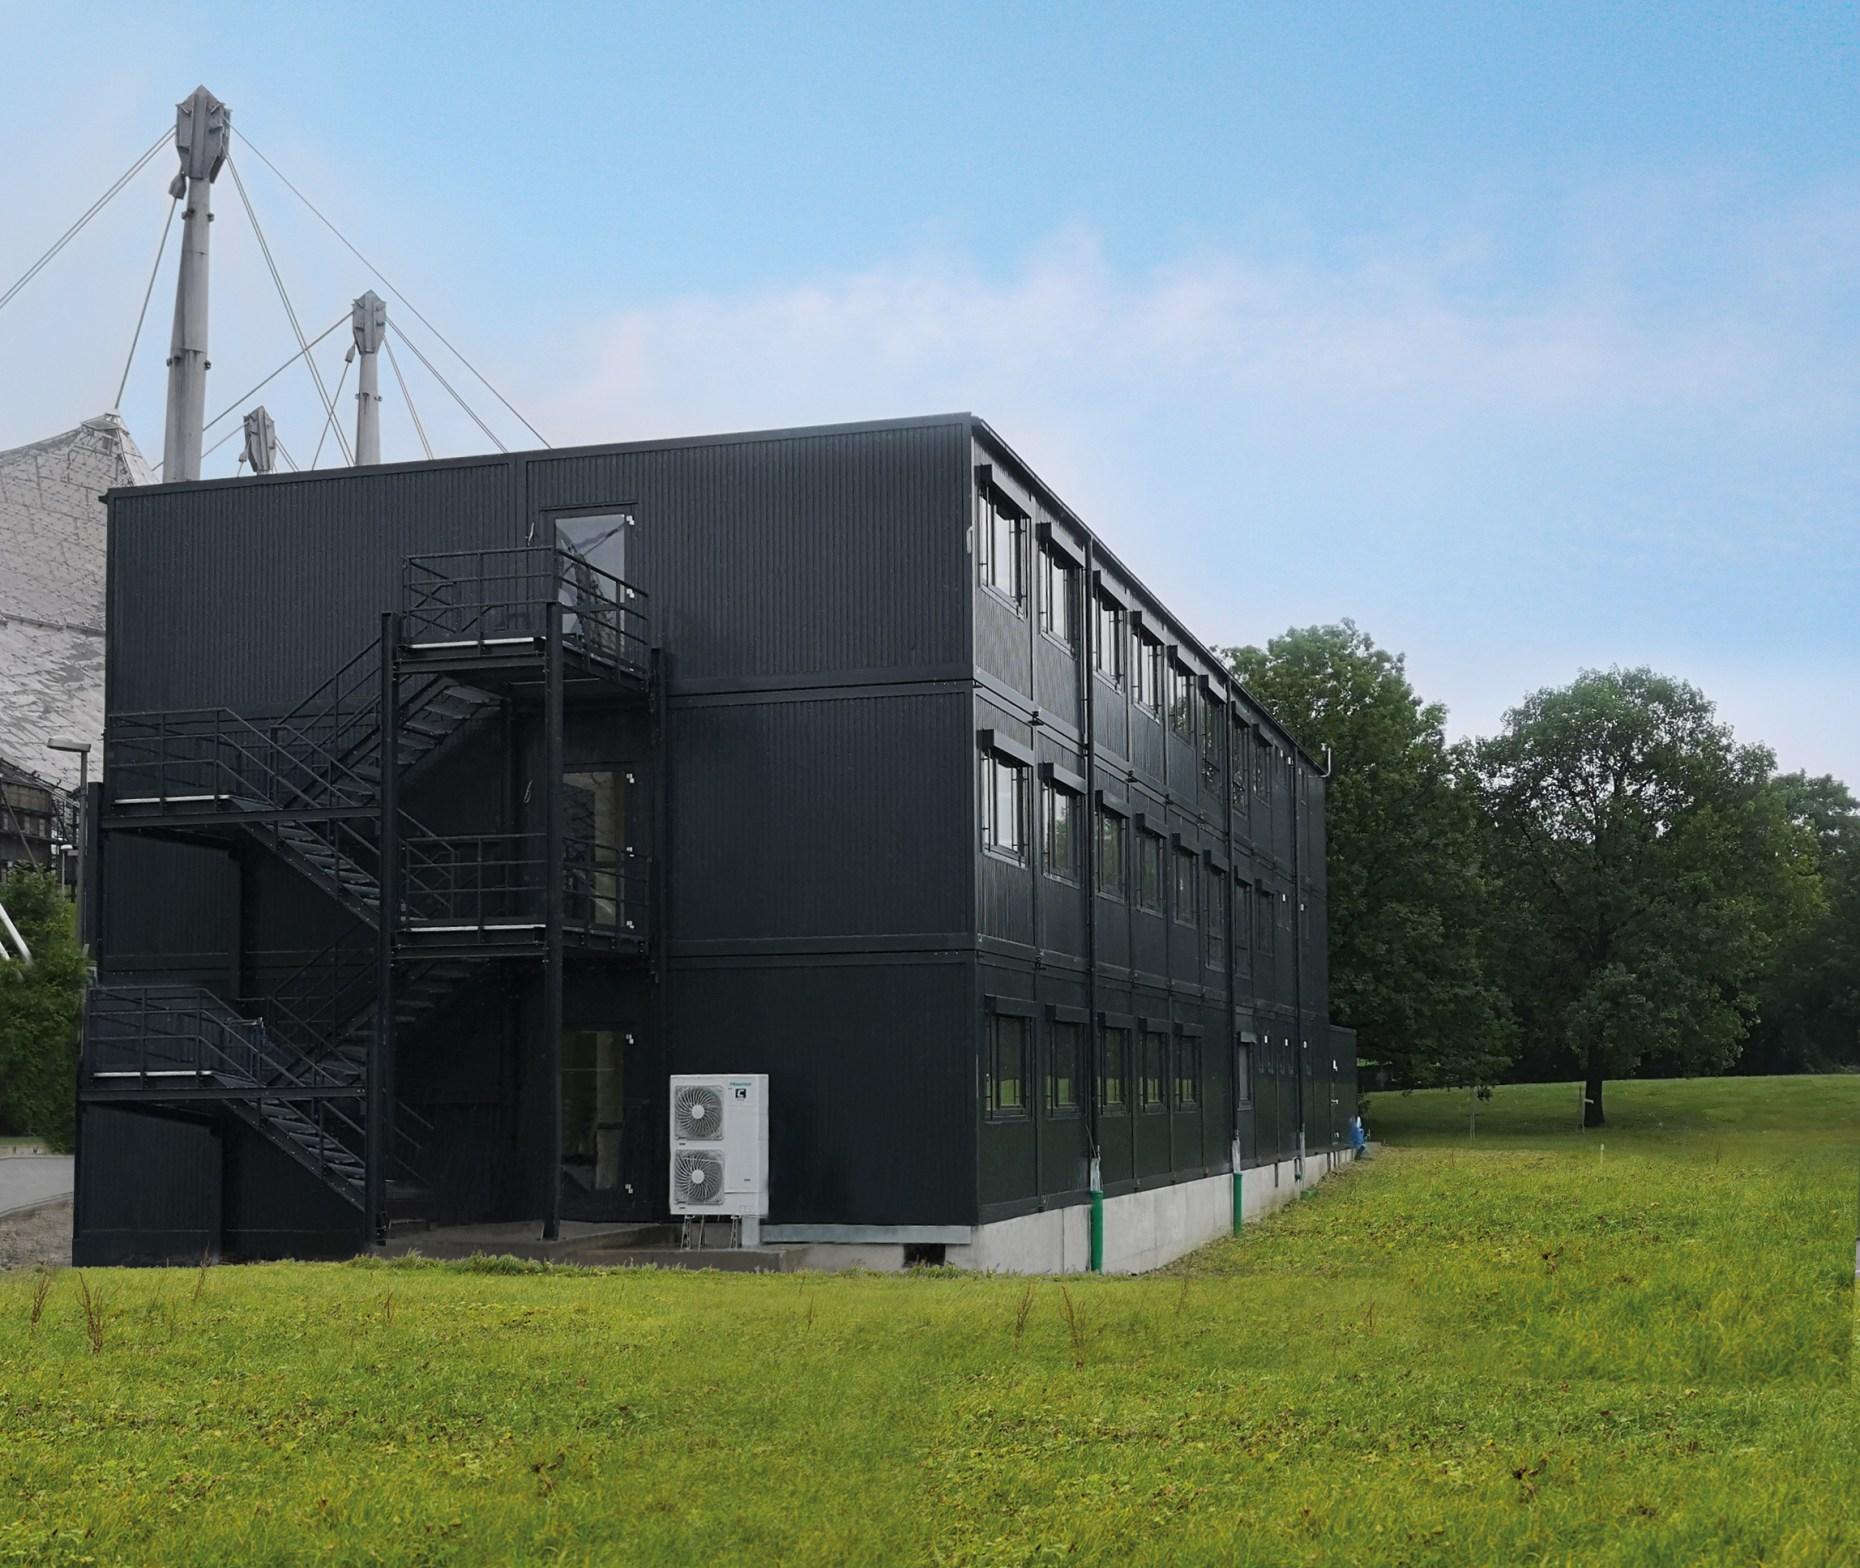 , European Championships München 2022: Heinkel Modulbau (Blaubeuren) errichtet dreigeschossiges Bürogebäude in Modulbauweise im Olympiapark, Heinkel Modulbau